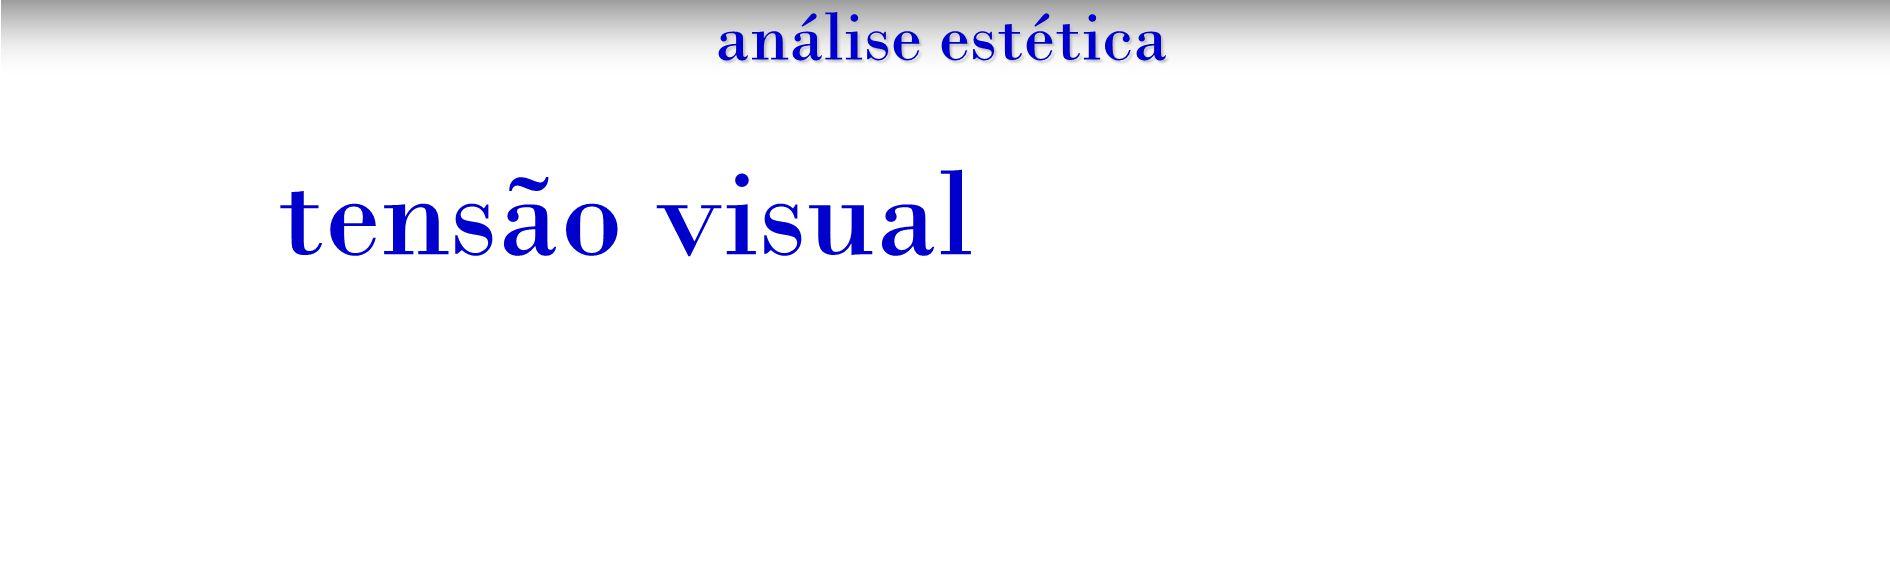 análise estética composição dental zênite